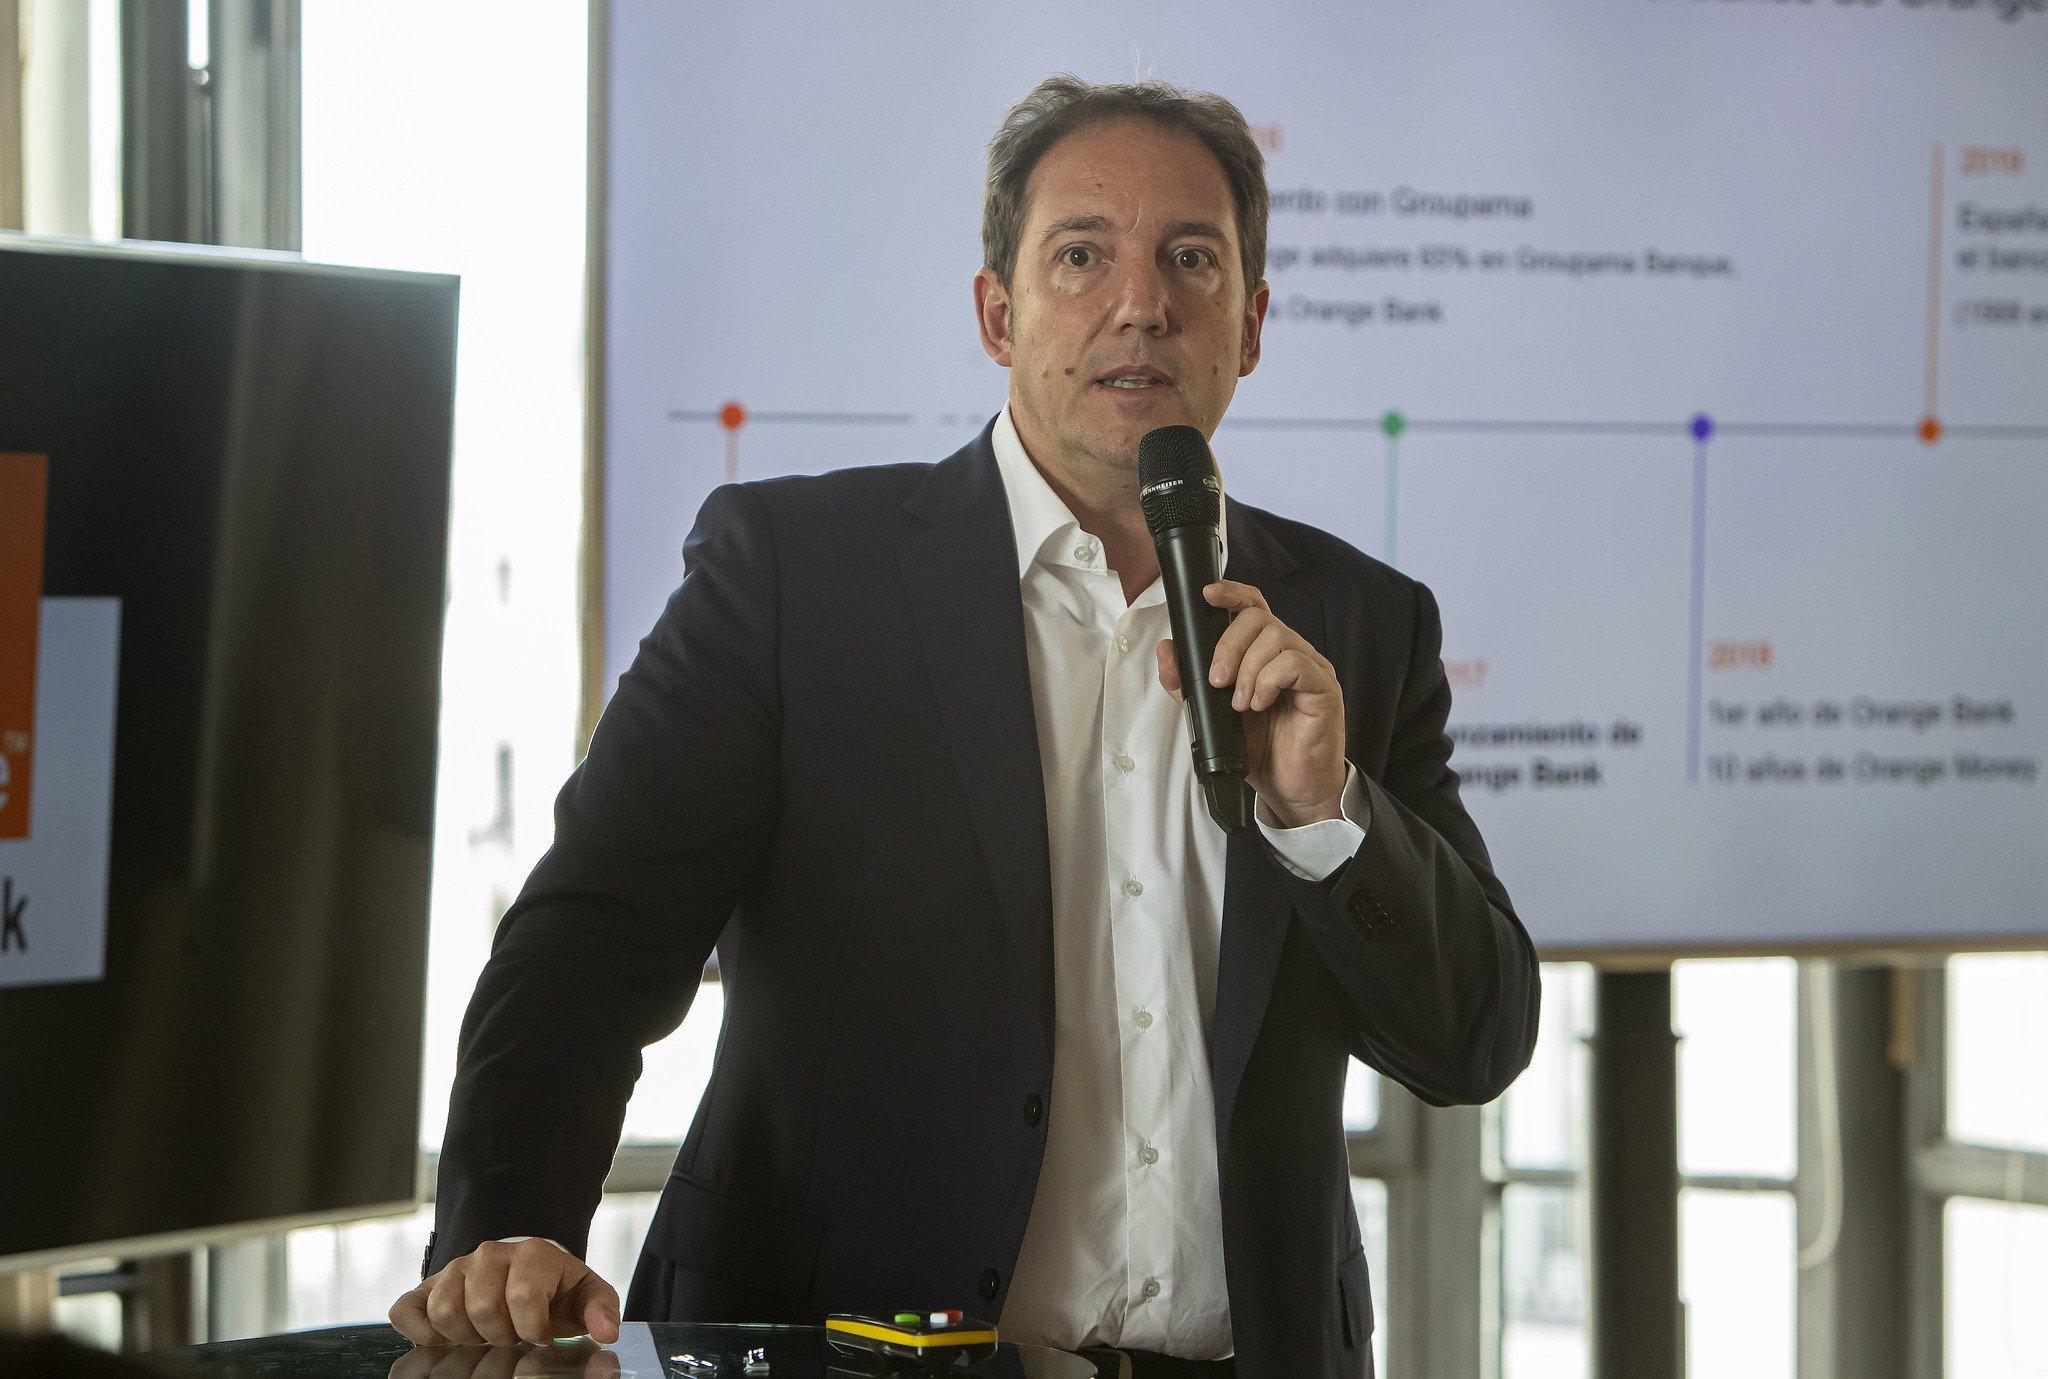 Laurent Paillassot vuelve a confiar en el low cost para crecer en España pero sin entrar en la guerra de tarifas